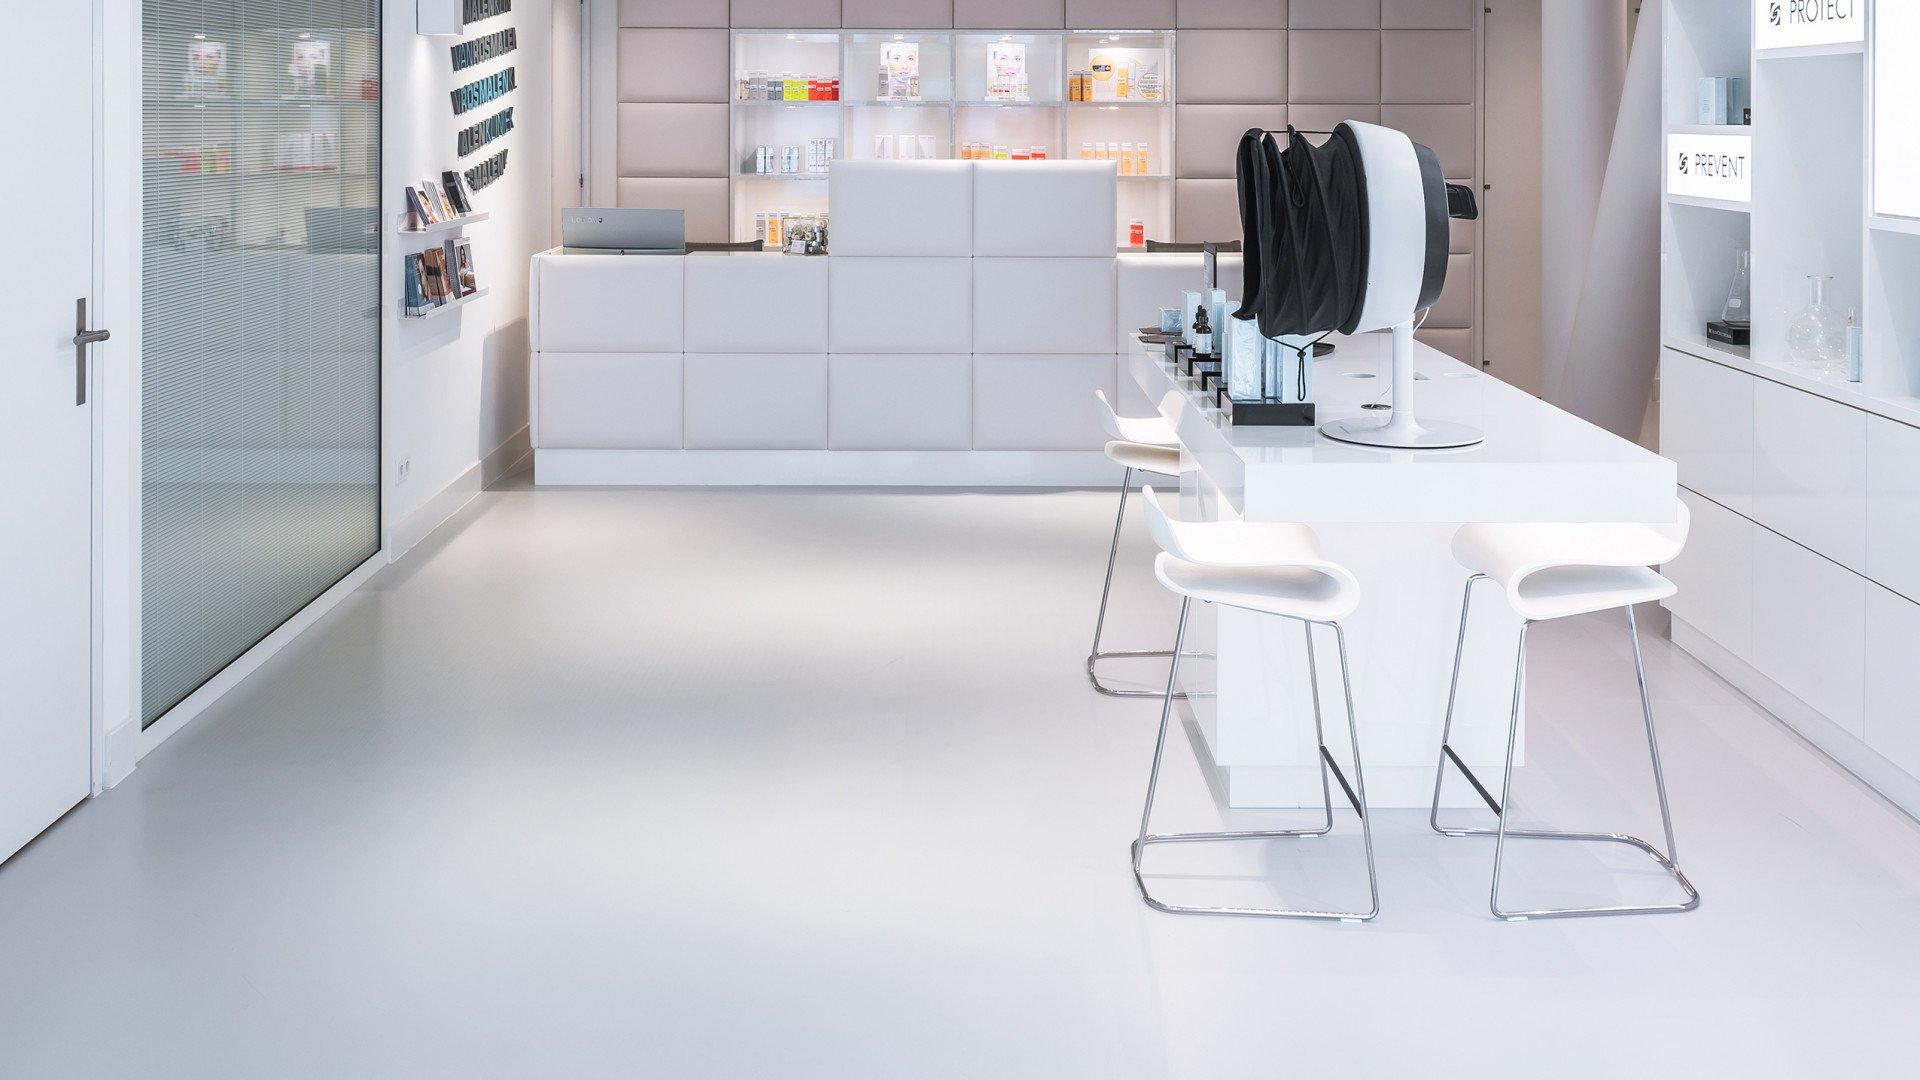 Van Rosmalen kliniek Rotterdam Bolidtop 525 AM